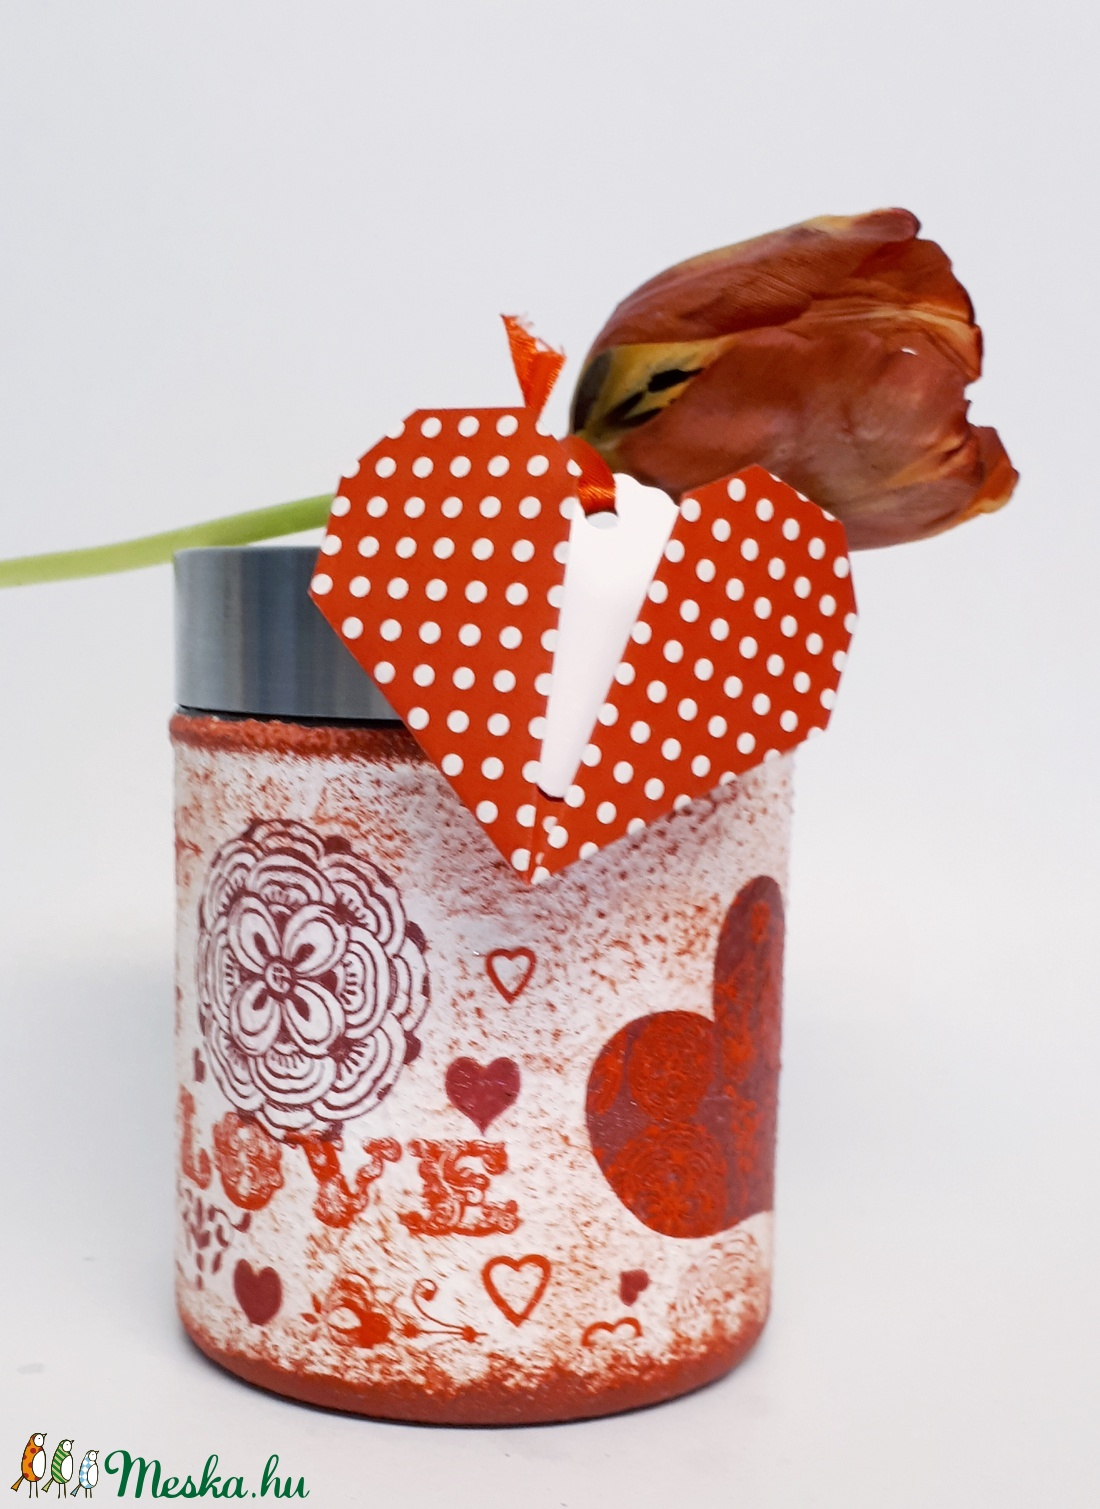 Piros szív mandala fűszertartó, konyhai tároló fém tetővel szív ajándékkísérővel valentin napra nőnapra, anyák napjára. (Biborvarazs) - Meska.hu